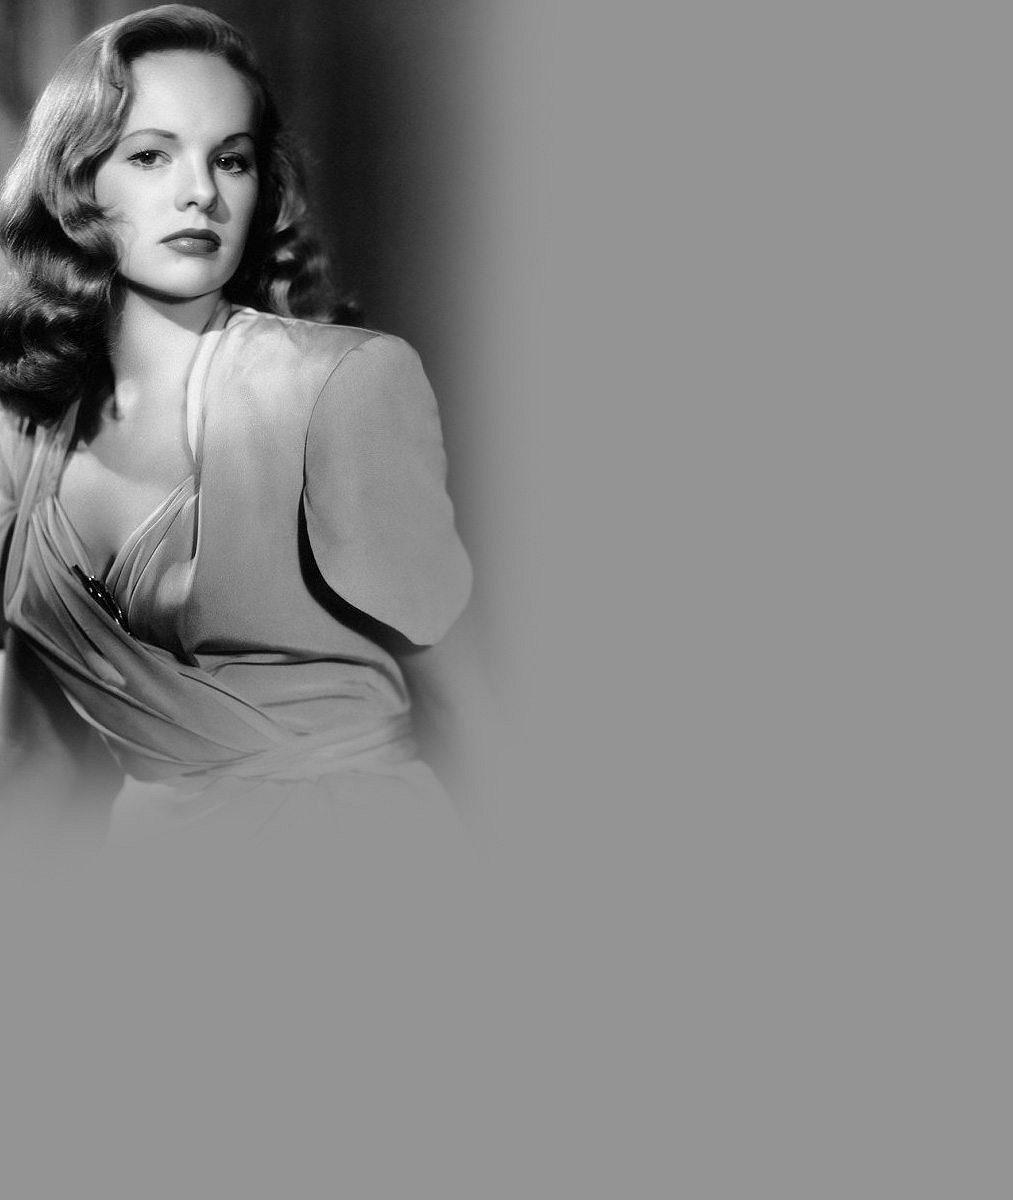 Zemřela herečka (✝92), která v 50. letech zazářila na stříbrném plátně jako femme fatale